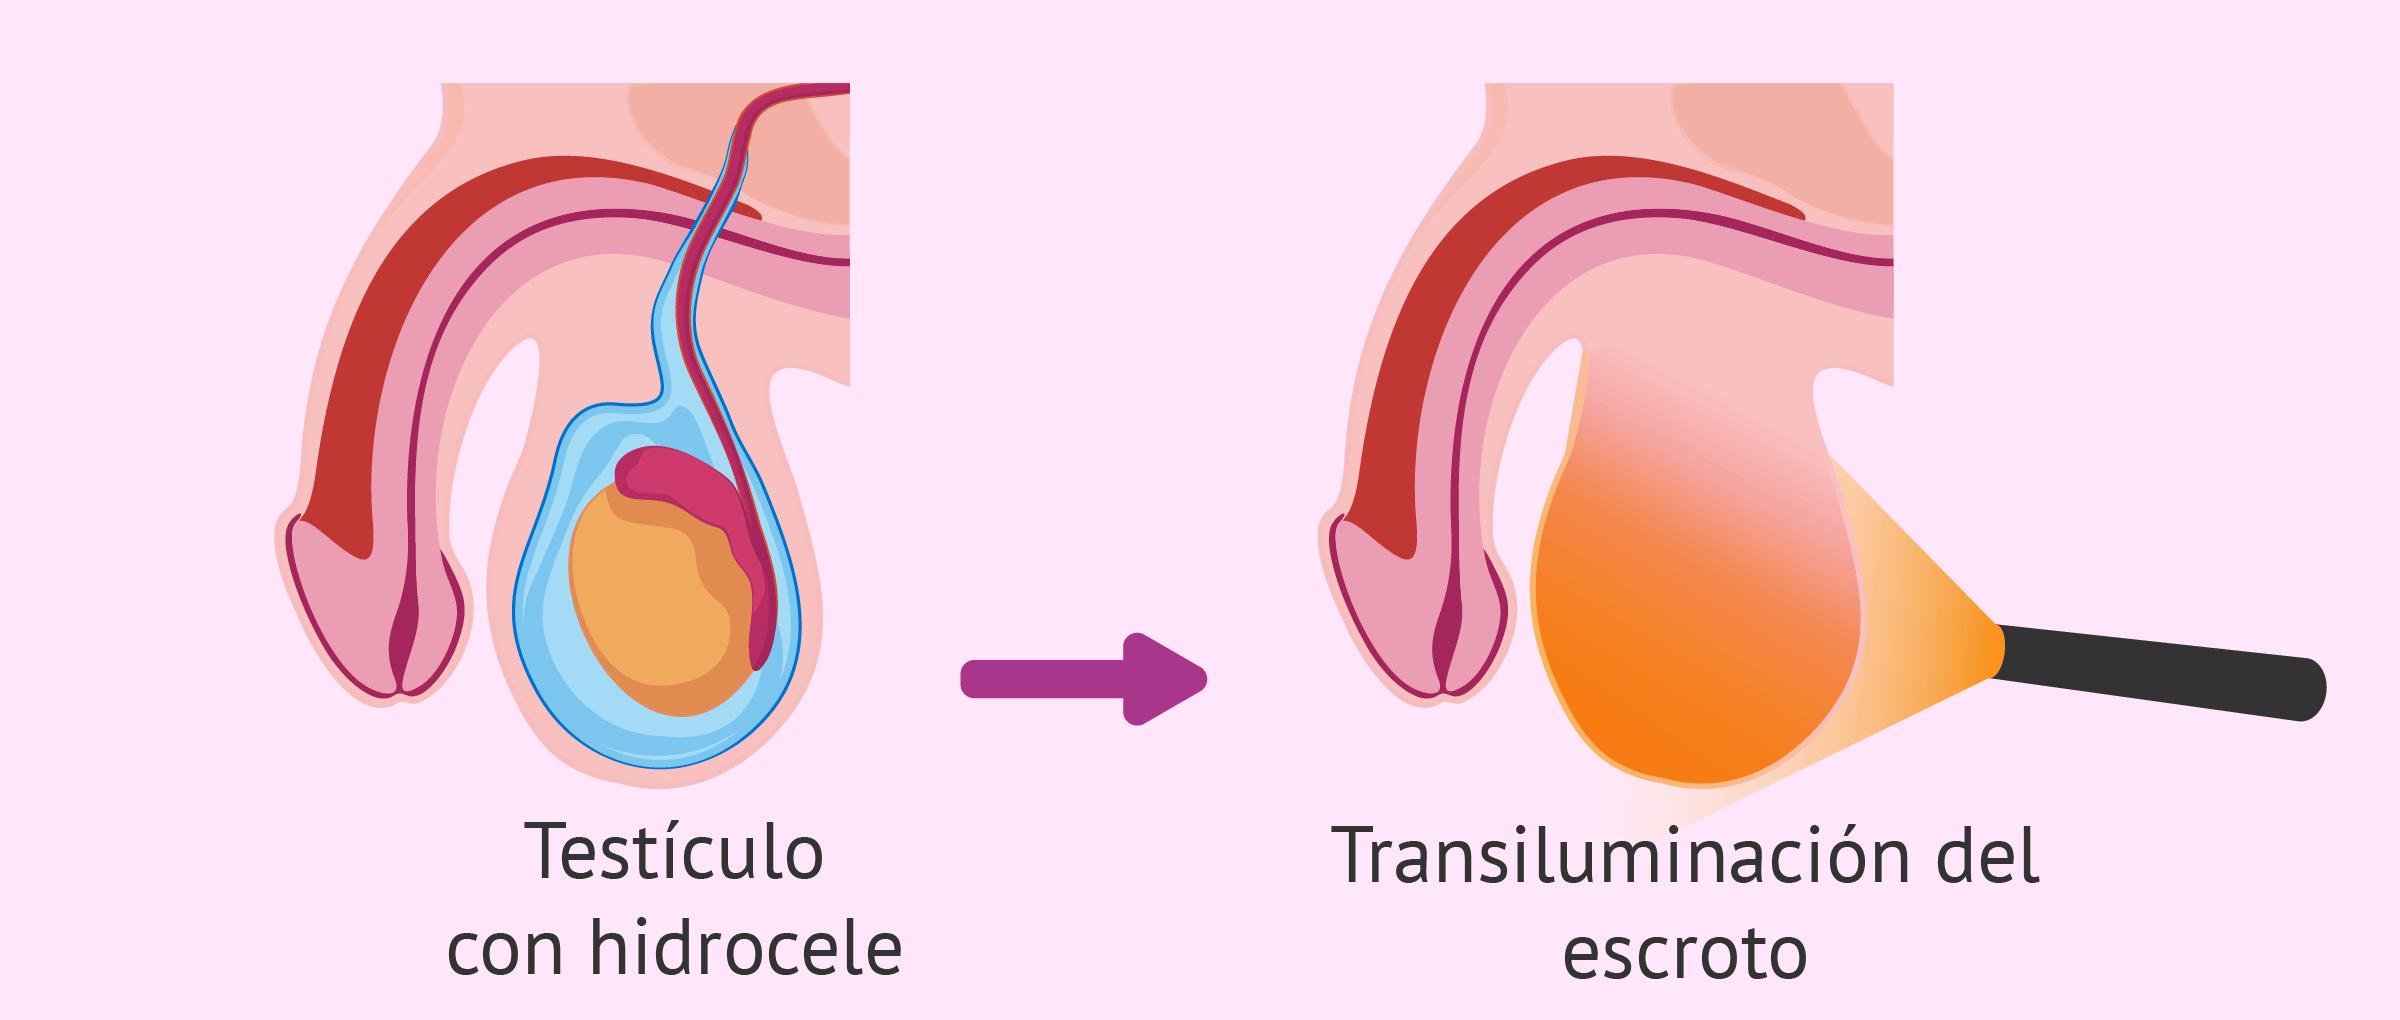 La transiluminación del escroto